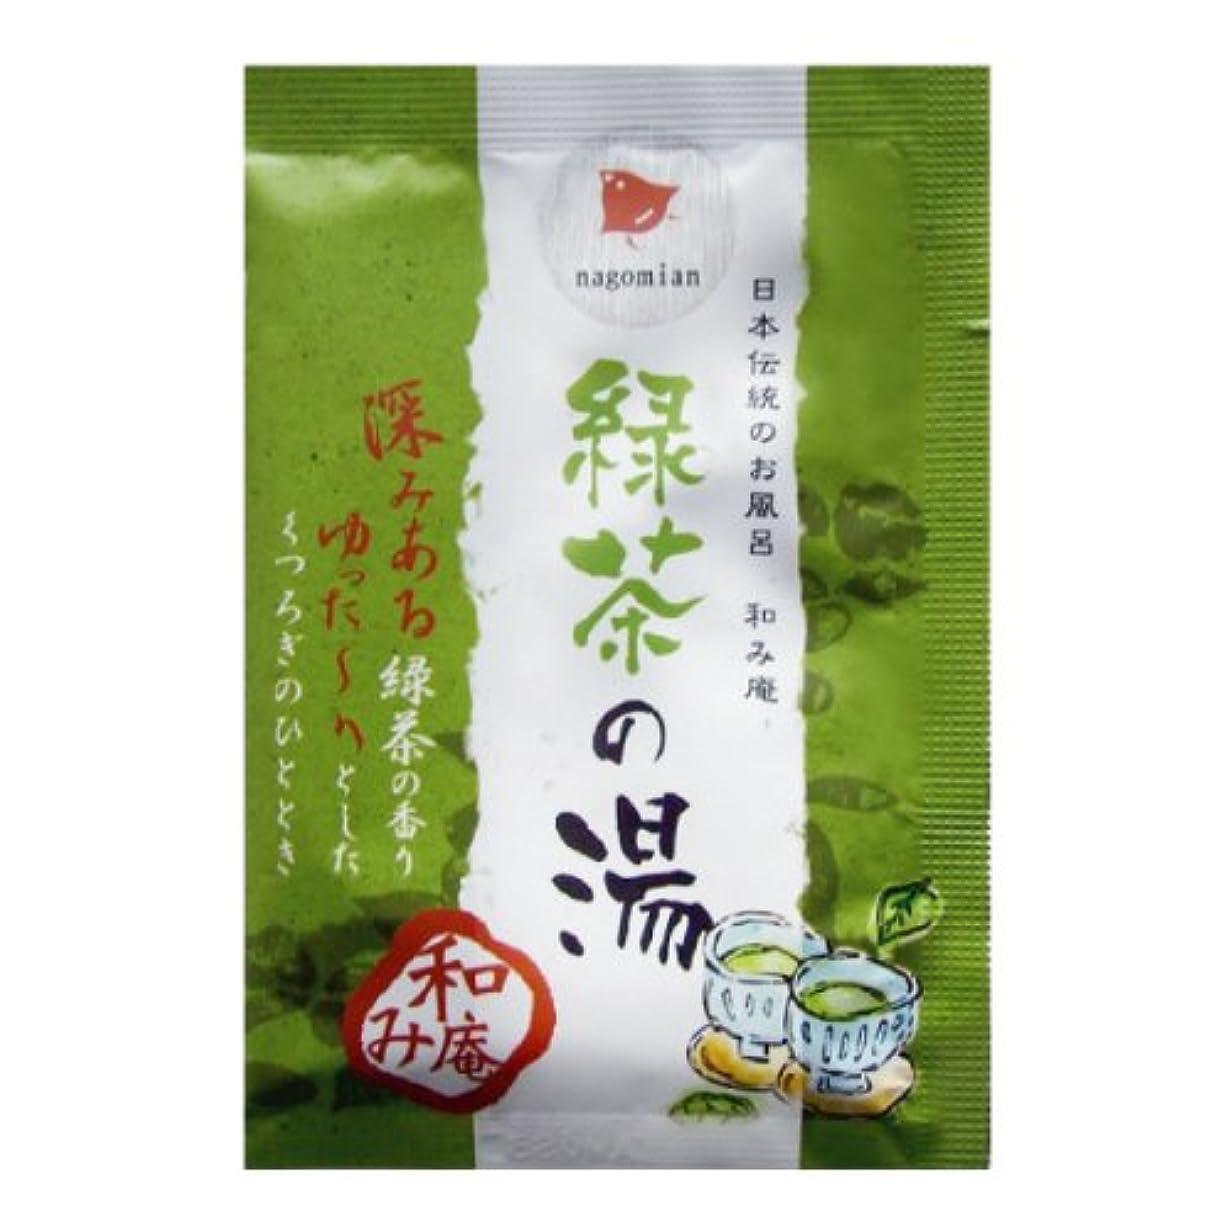 受け取る退屈な習字日本伝統のお風呂 和み庵 緑茶の湯 200包